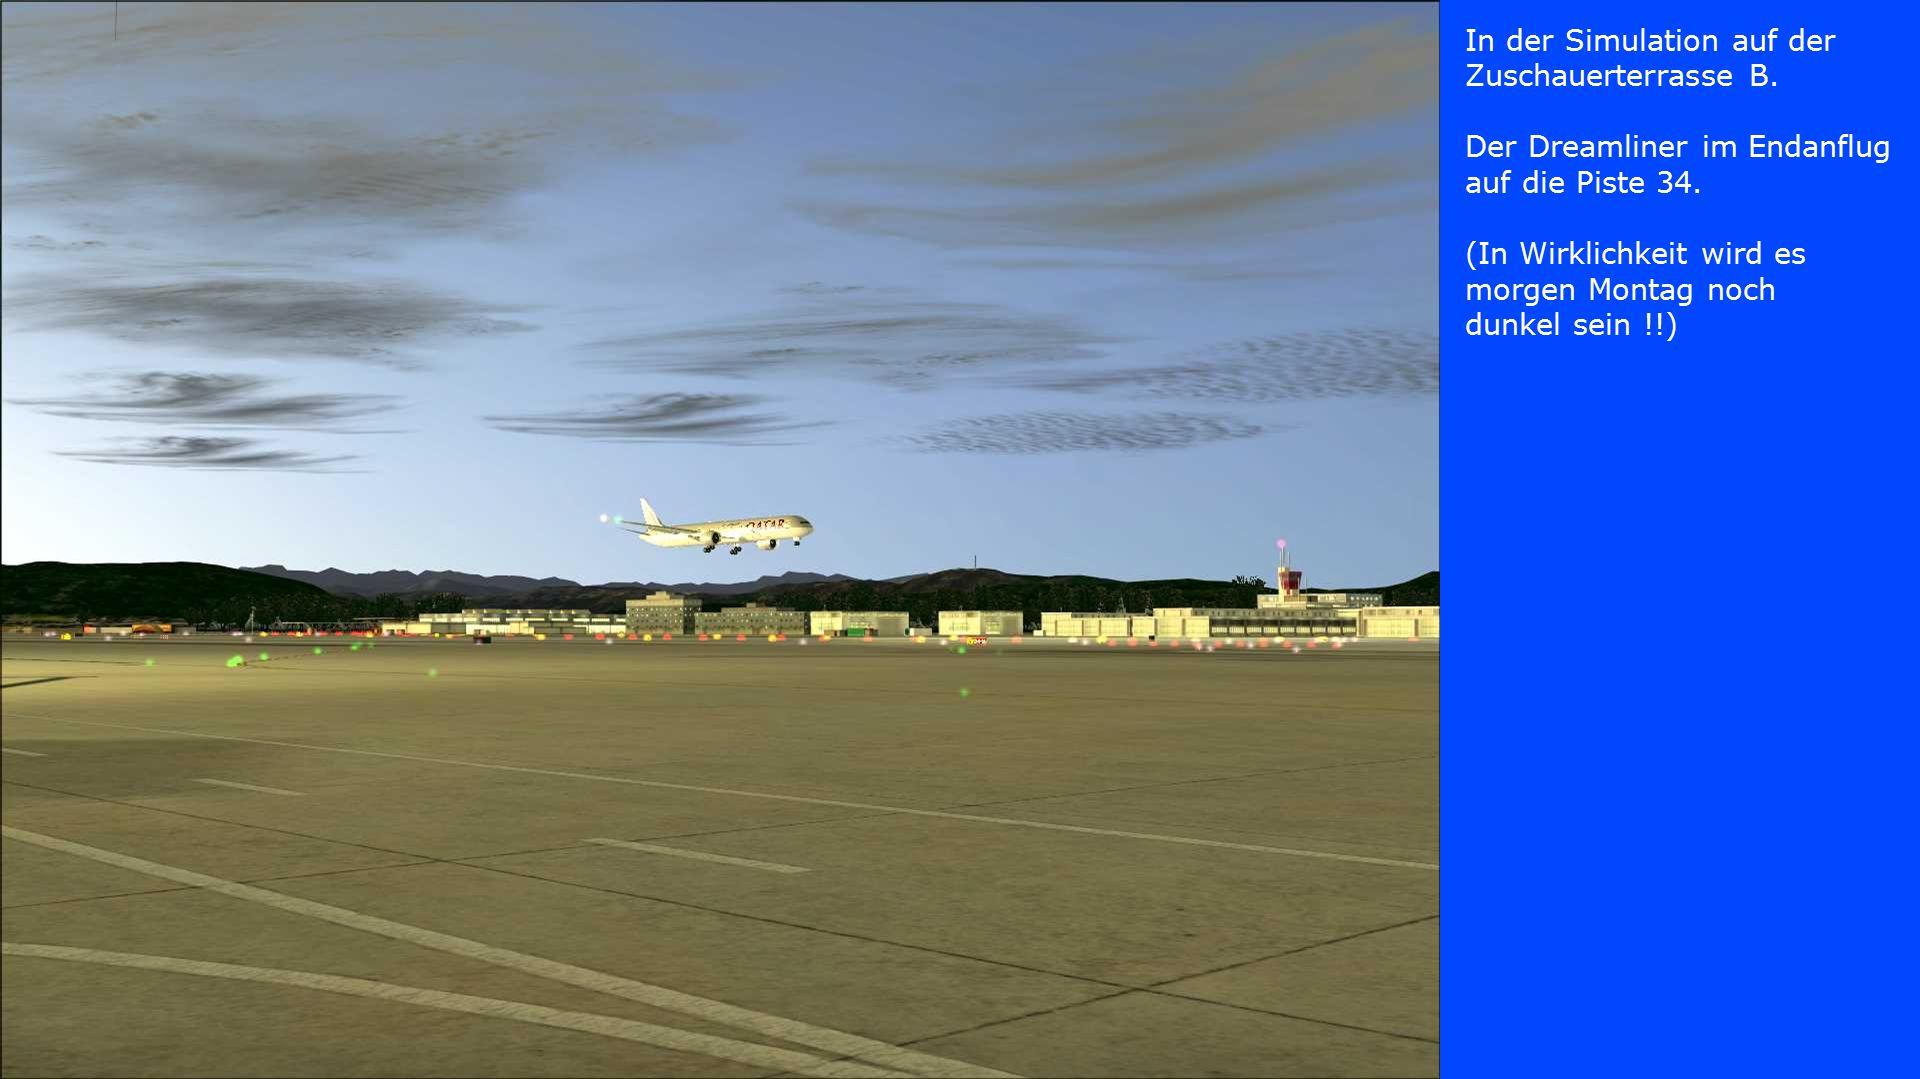 In der Simulation auf der Zuschauerterrasse B. Der Dreamliner im Endanflug auf die Piste 34. (In Wirklichkeit wird es morgen Montag noch dunkel sein !